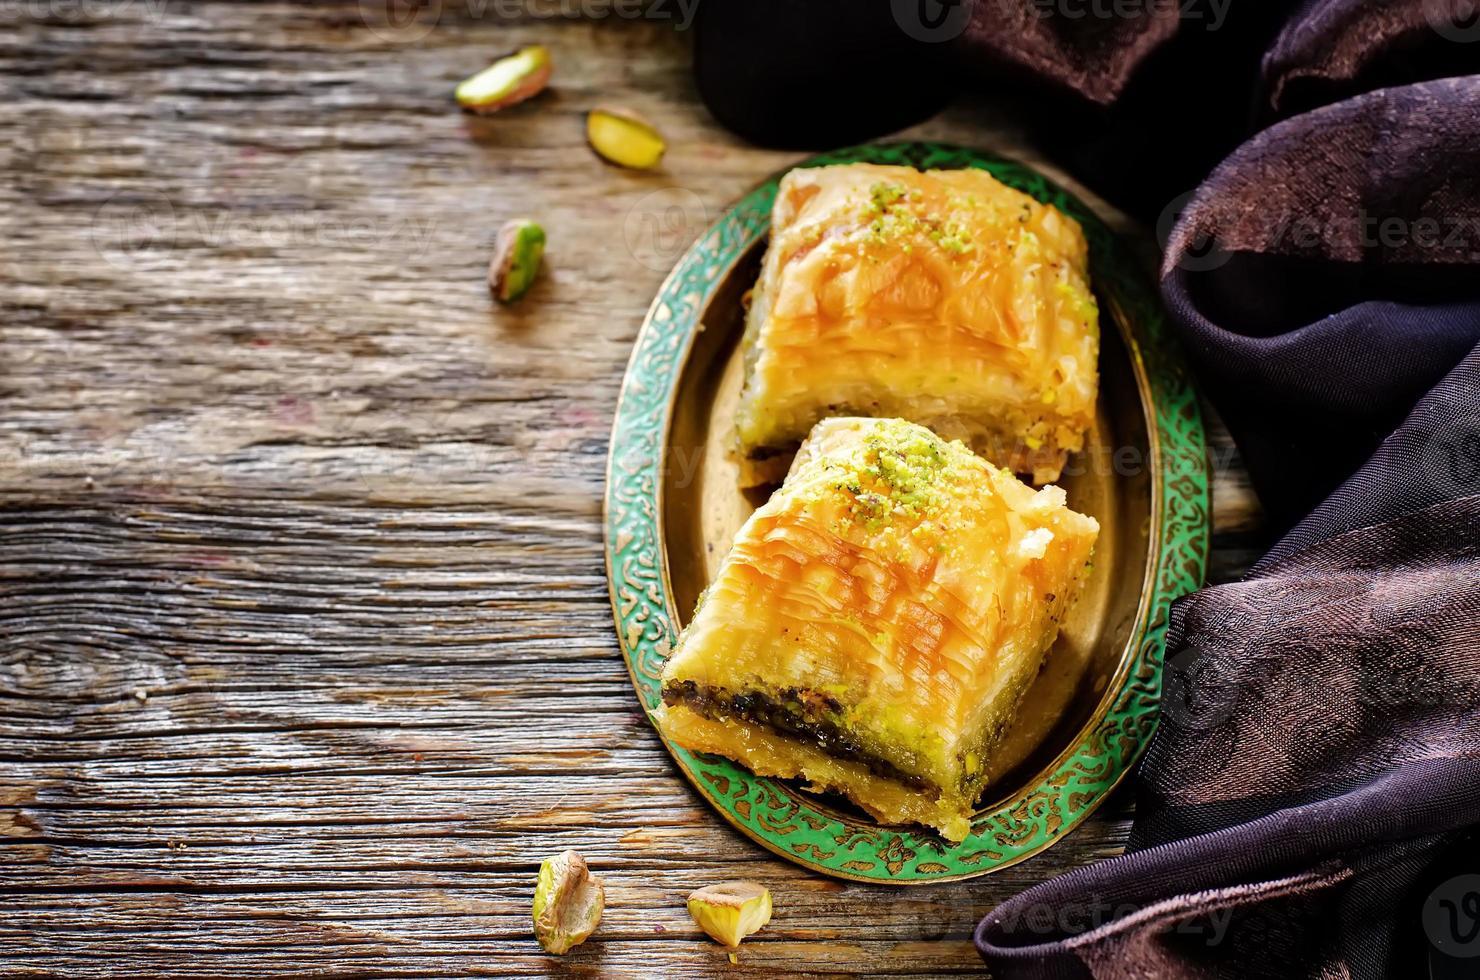 baklava à la pistache. délice traditionnel turc photo